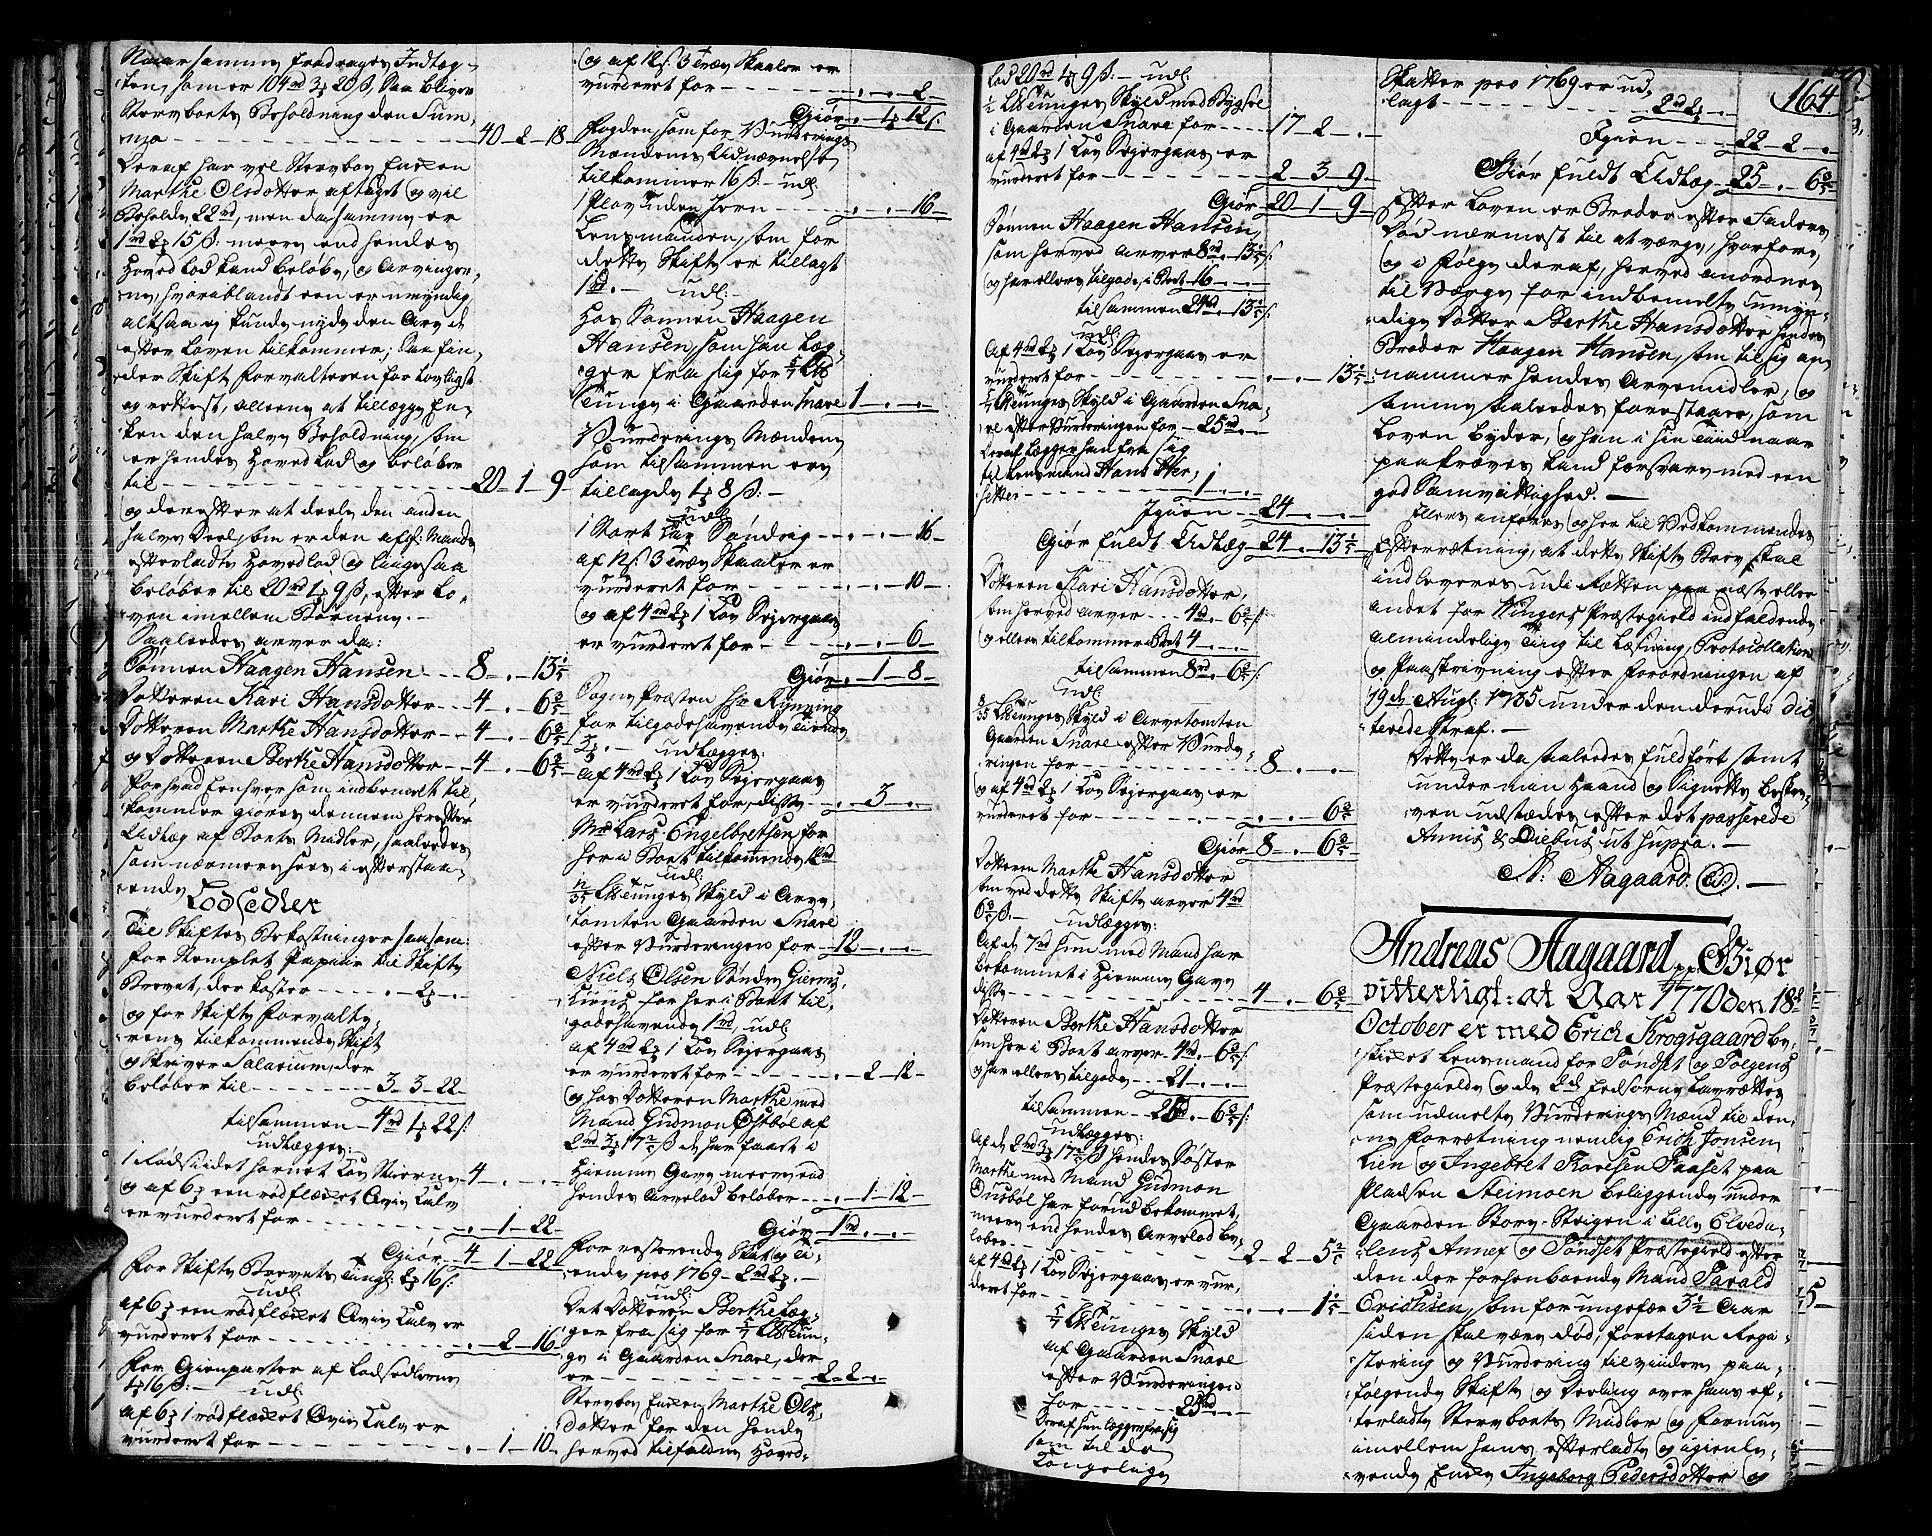 SAH, Solør og Odalen sorenskriveri, J/Ja/L0001: Skifteprotokoll - Vinger, Grue, Hof, 1772-1774, s. 163b-164a